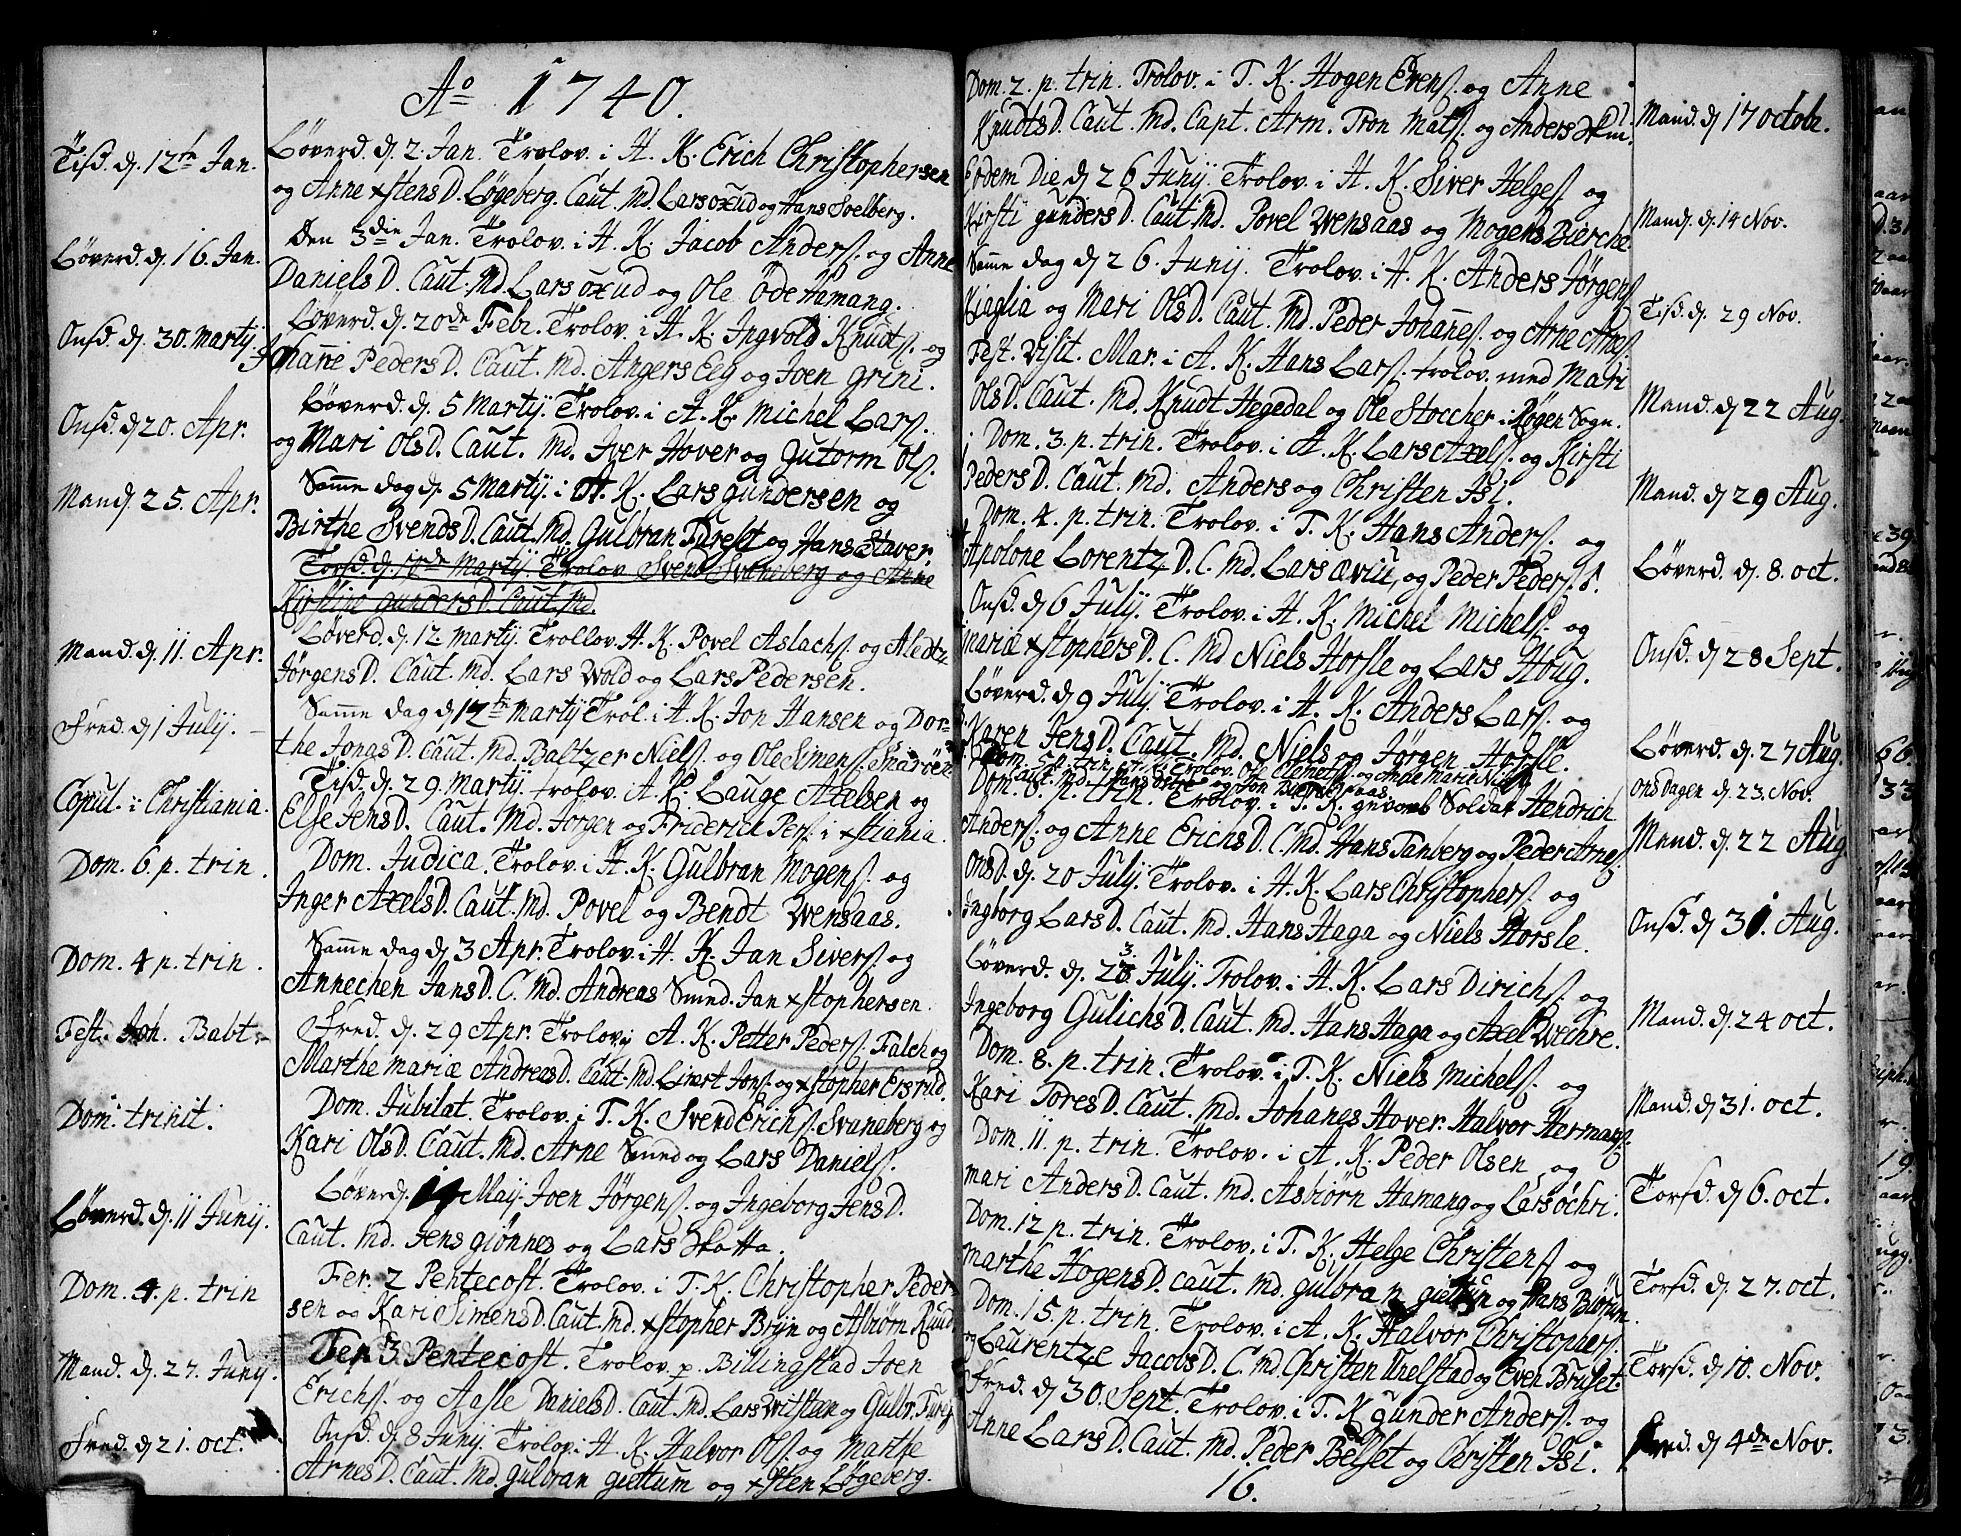 SAO, Asker prestekontor Kirkebøker, F/Fa/L0001: Ministerialbok nr. I 1, 1726-1744, s. 91